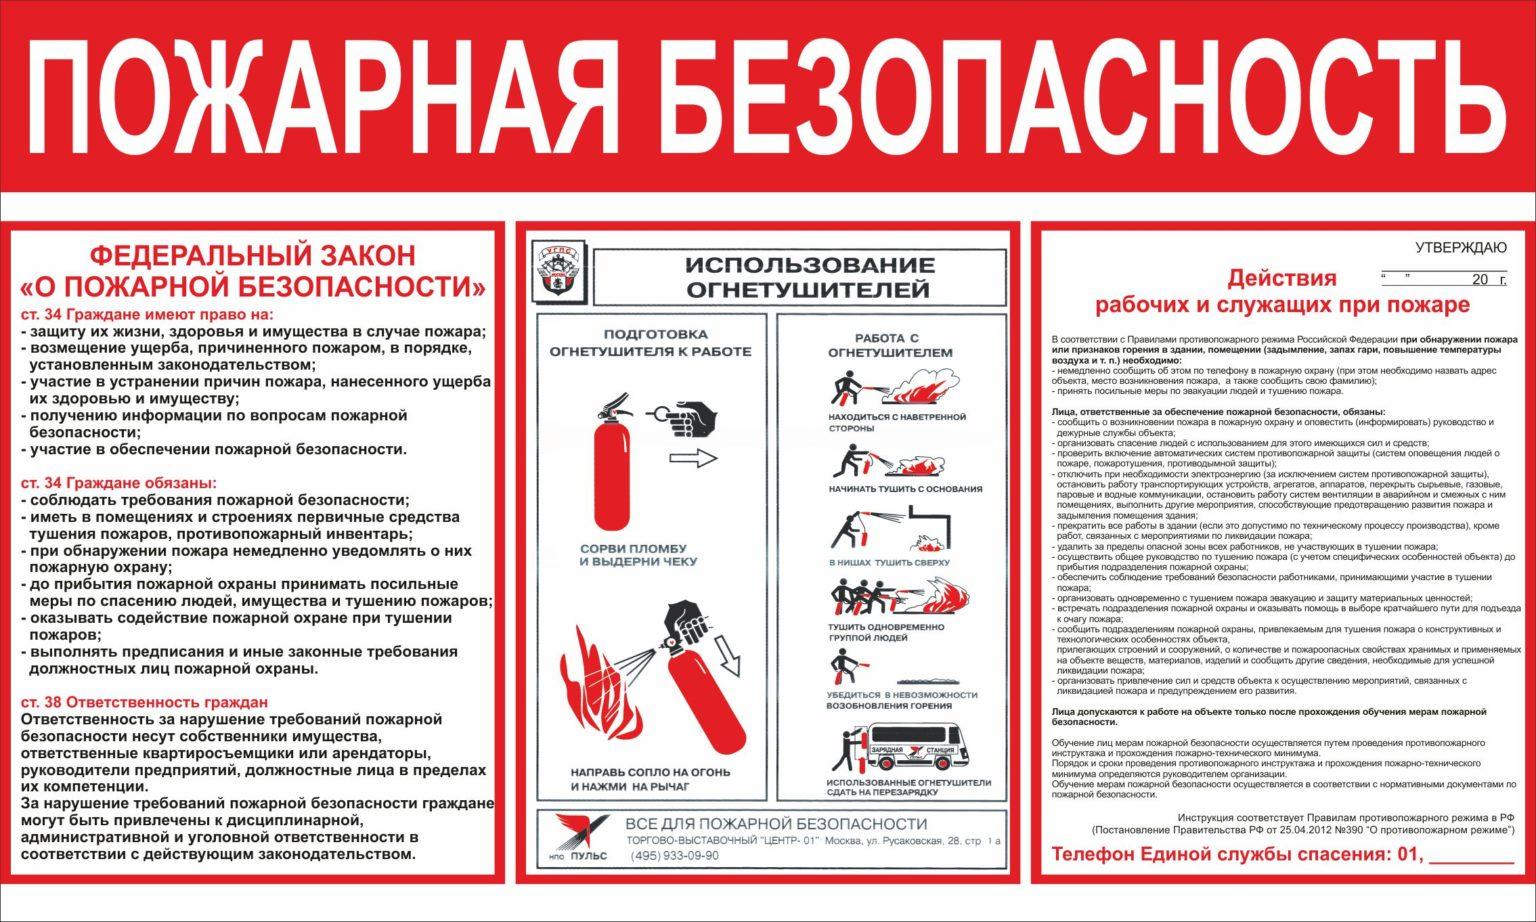 Инструкции по пожарной безопасности описывают правила поведения, алгоритмы действий для персонала, посетителей.